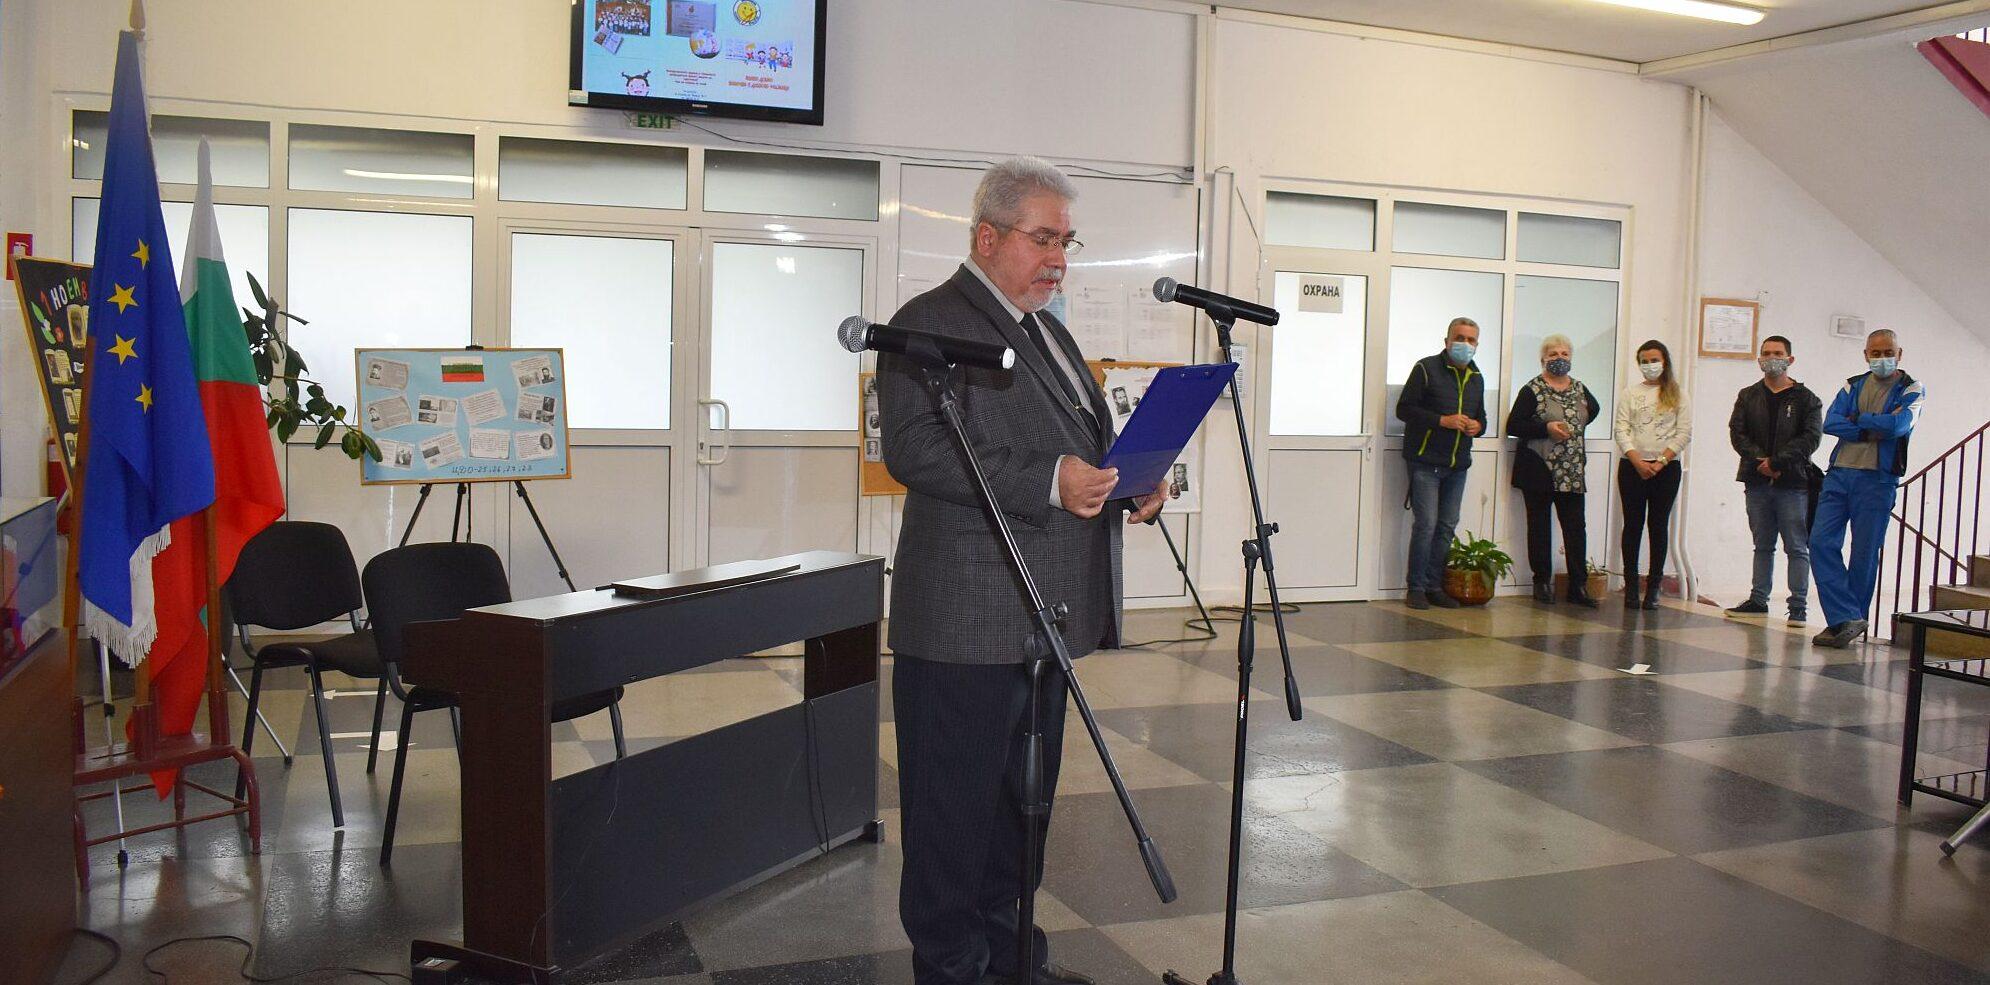 Кметът Денчо Бояджиев бе гост на тържество за 60-годишн� ...